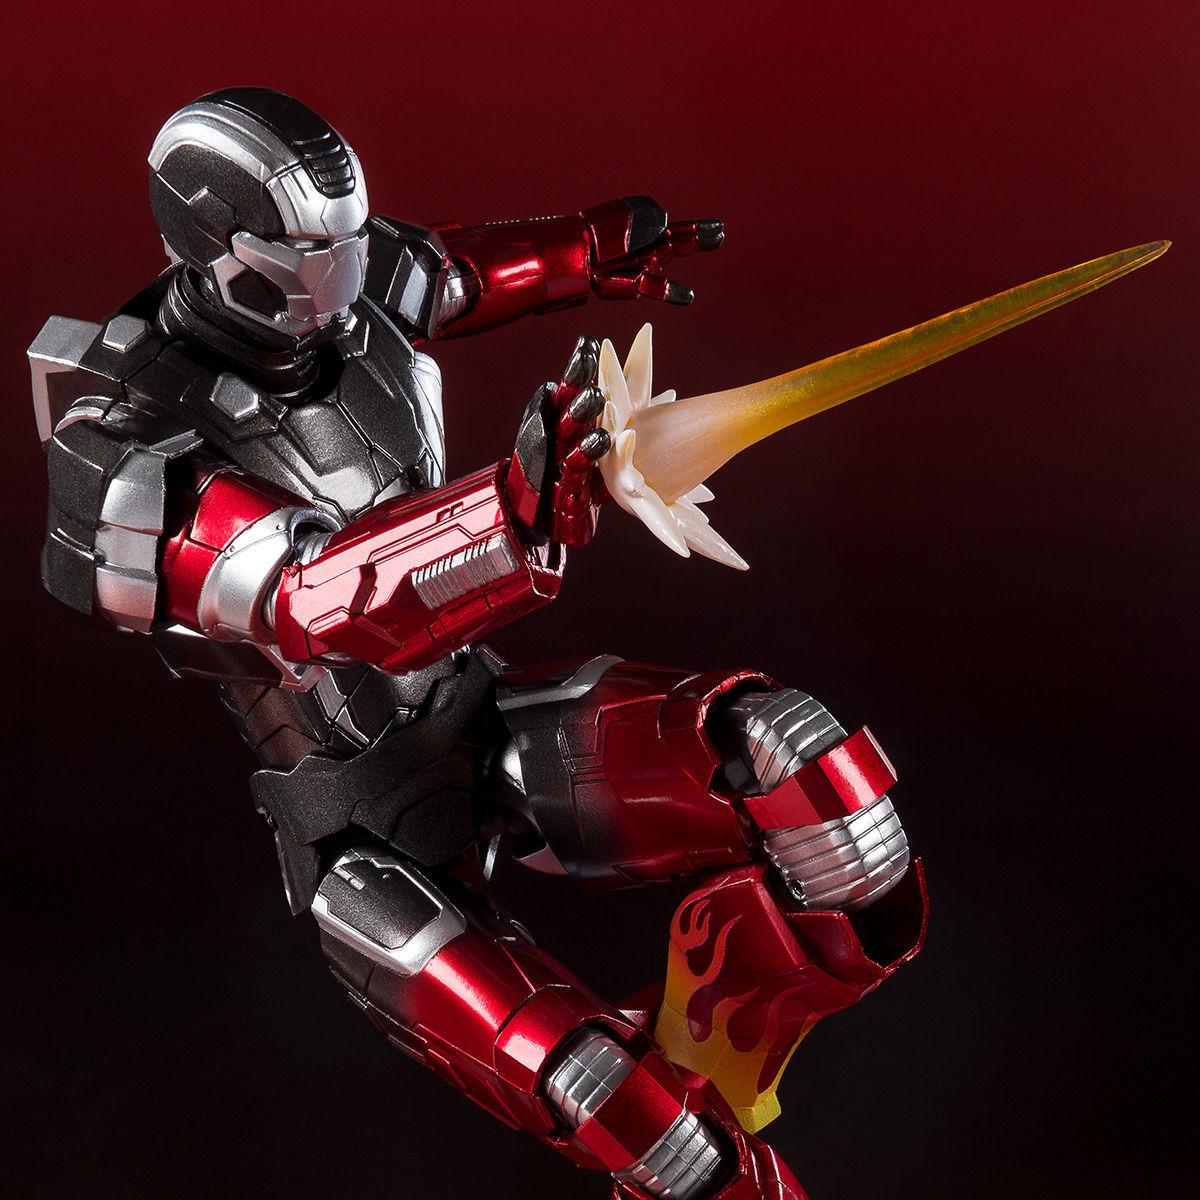 S.H.フィギュアーツ『アイアンマン マーク22 ホットロッド』アイアンマン3 可動フィギュア-001